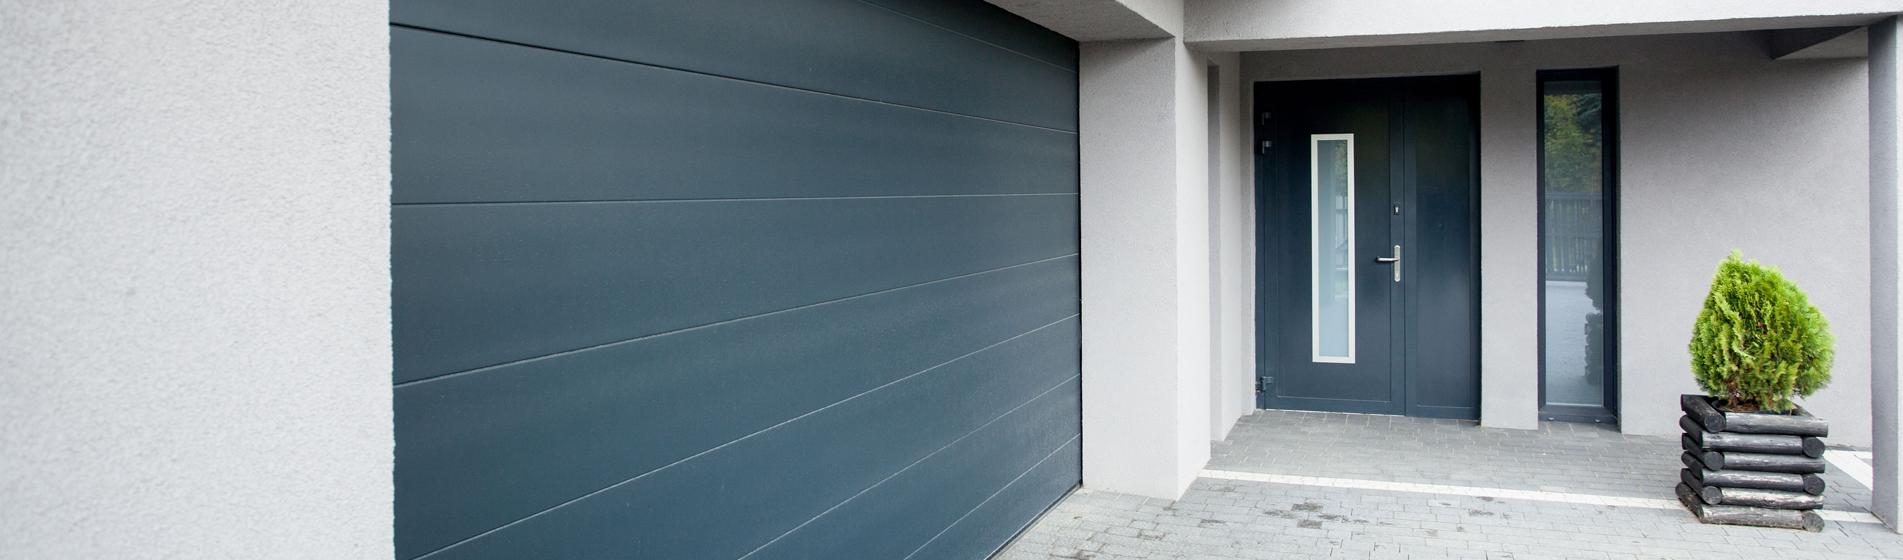 Mod les portes de garage aluminium avec motorisation devis gratuit - Porte garage battant alu ...